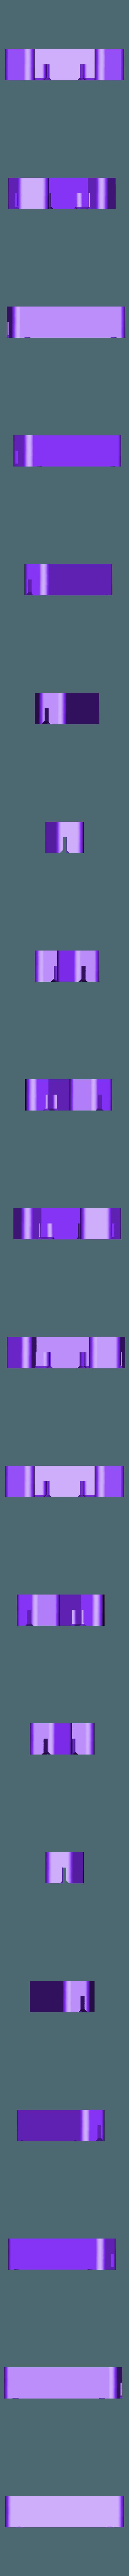 XBeltholder_thin_belt.stl Download free STL file Lukestruder - The E3D V6 bowden mount for prusa i3 (Anet A8) • 3D printer design, lukeskymuh